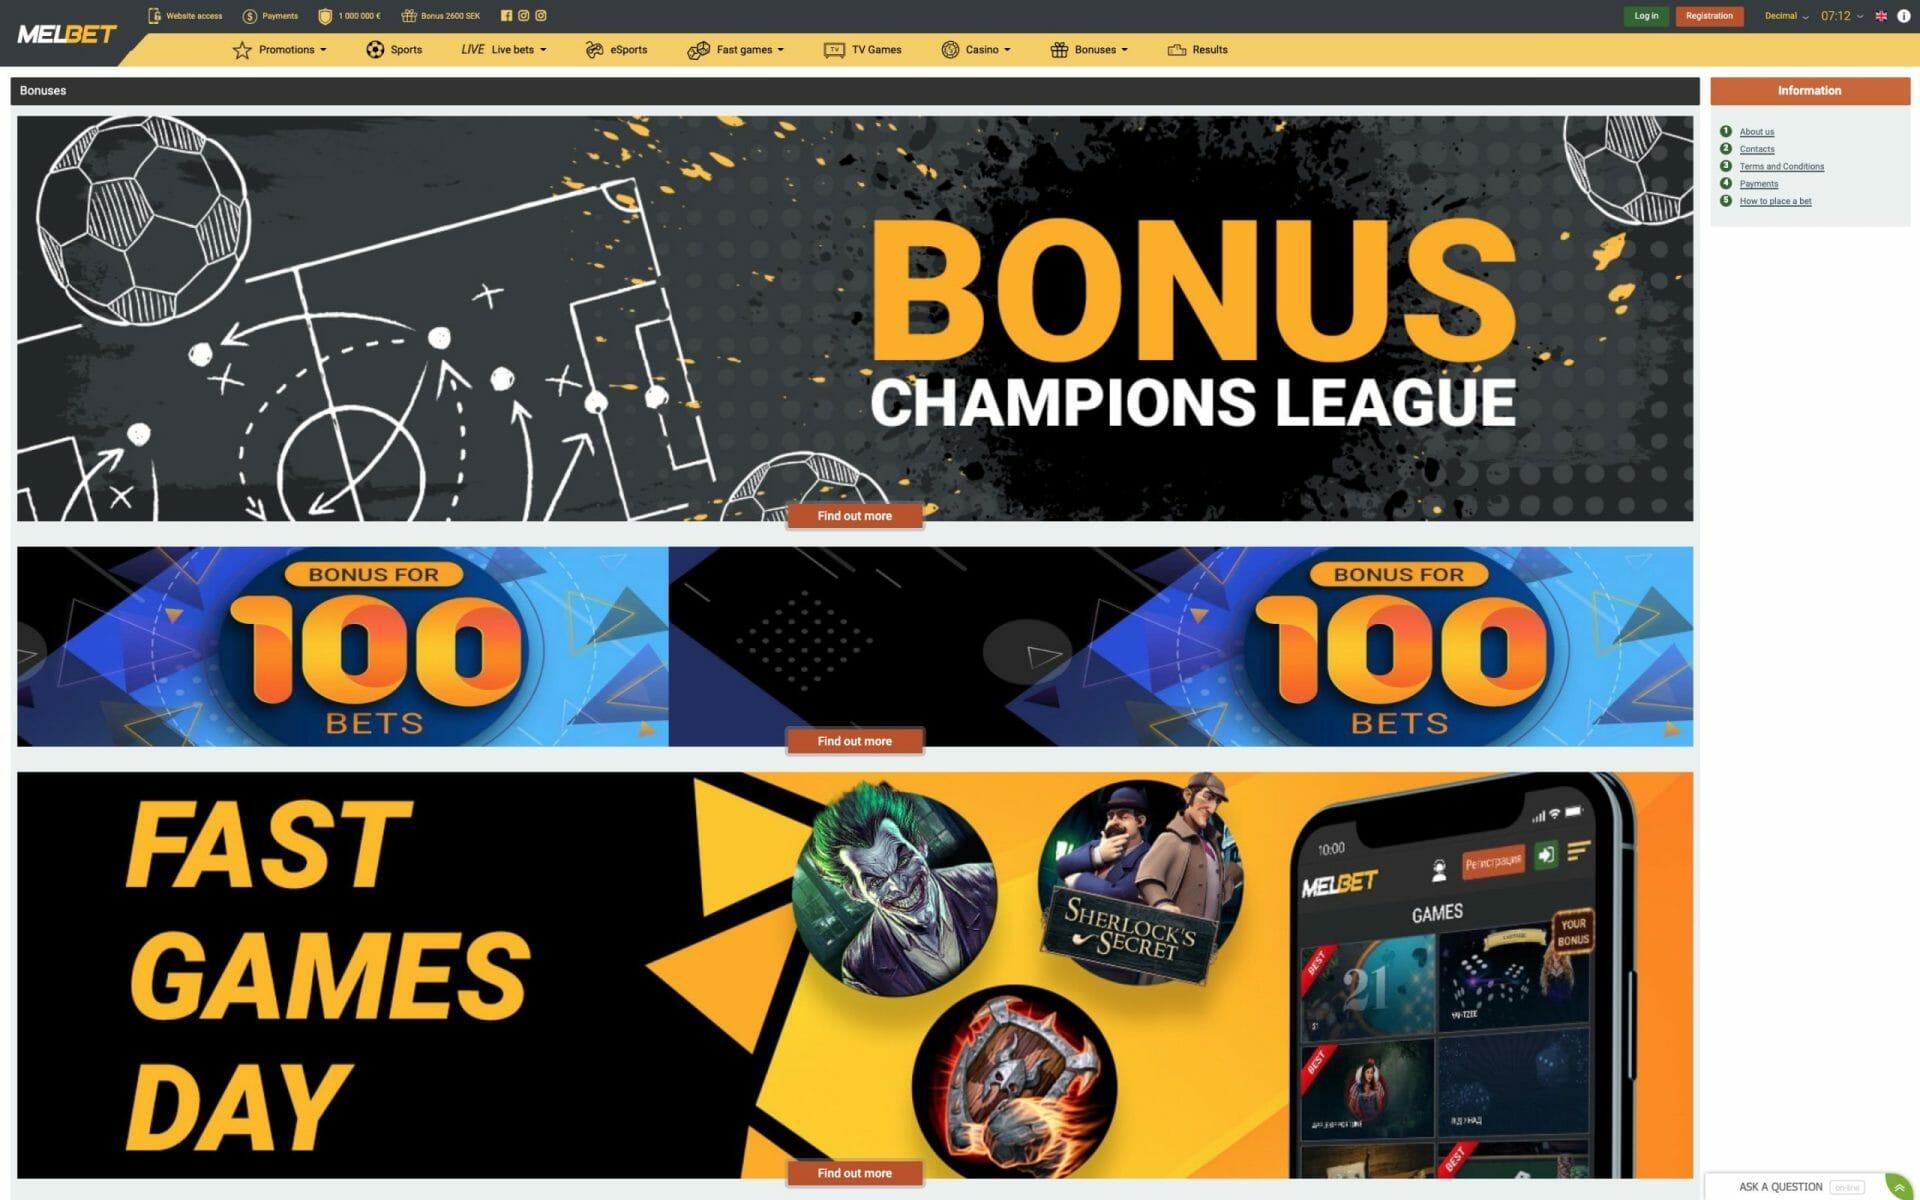 Promo Code for Melbet bonus